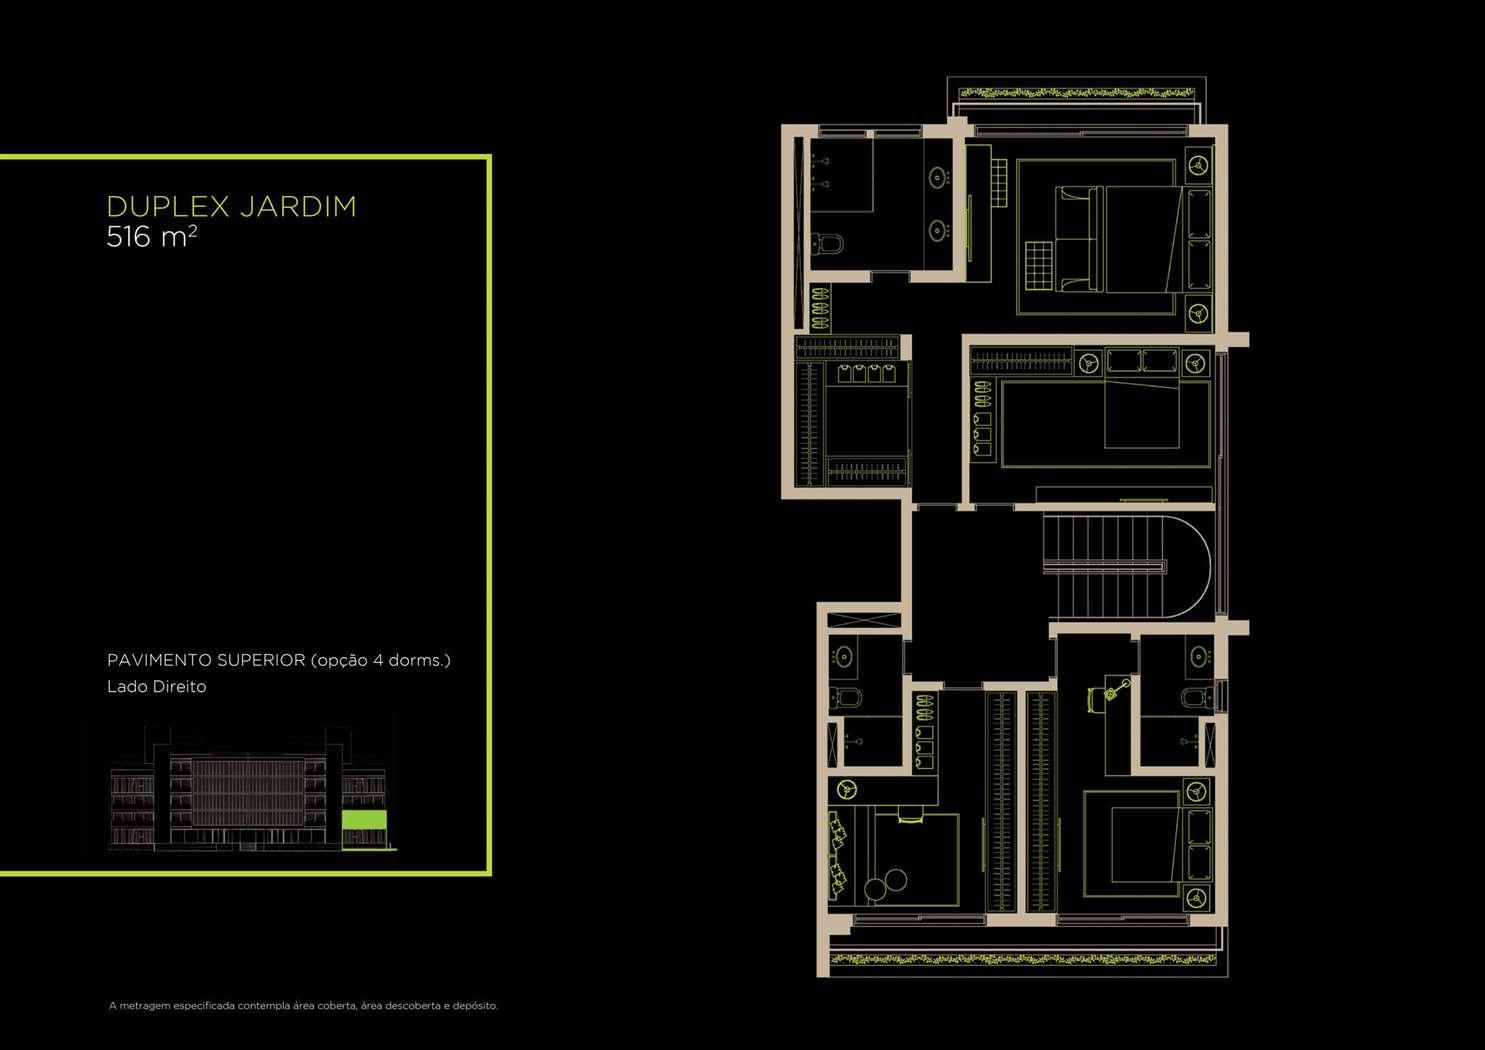 Duplex Jardim 516m²   Opção 4 Dorms.